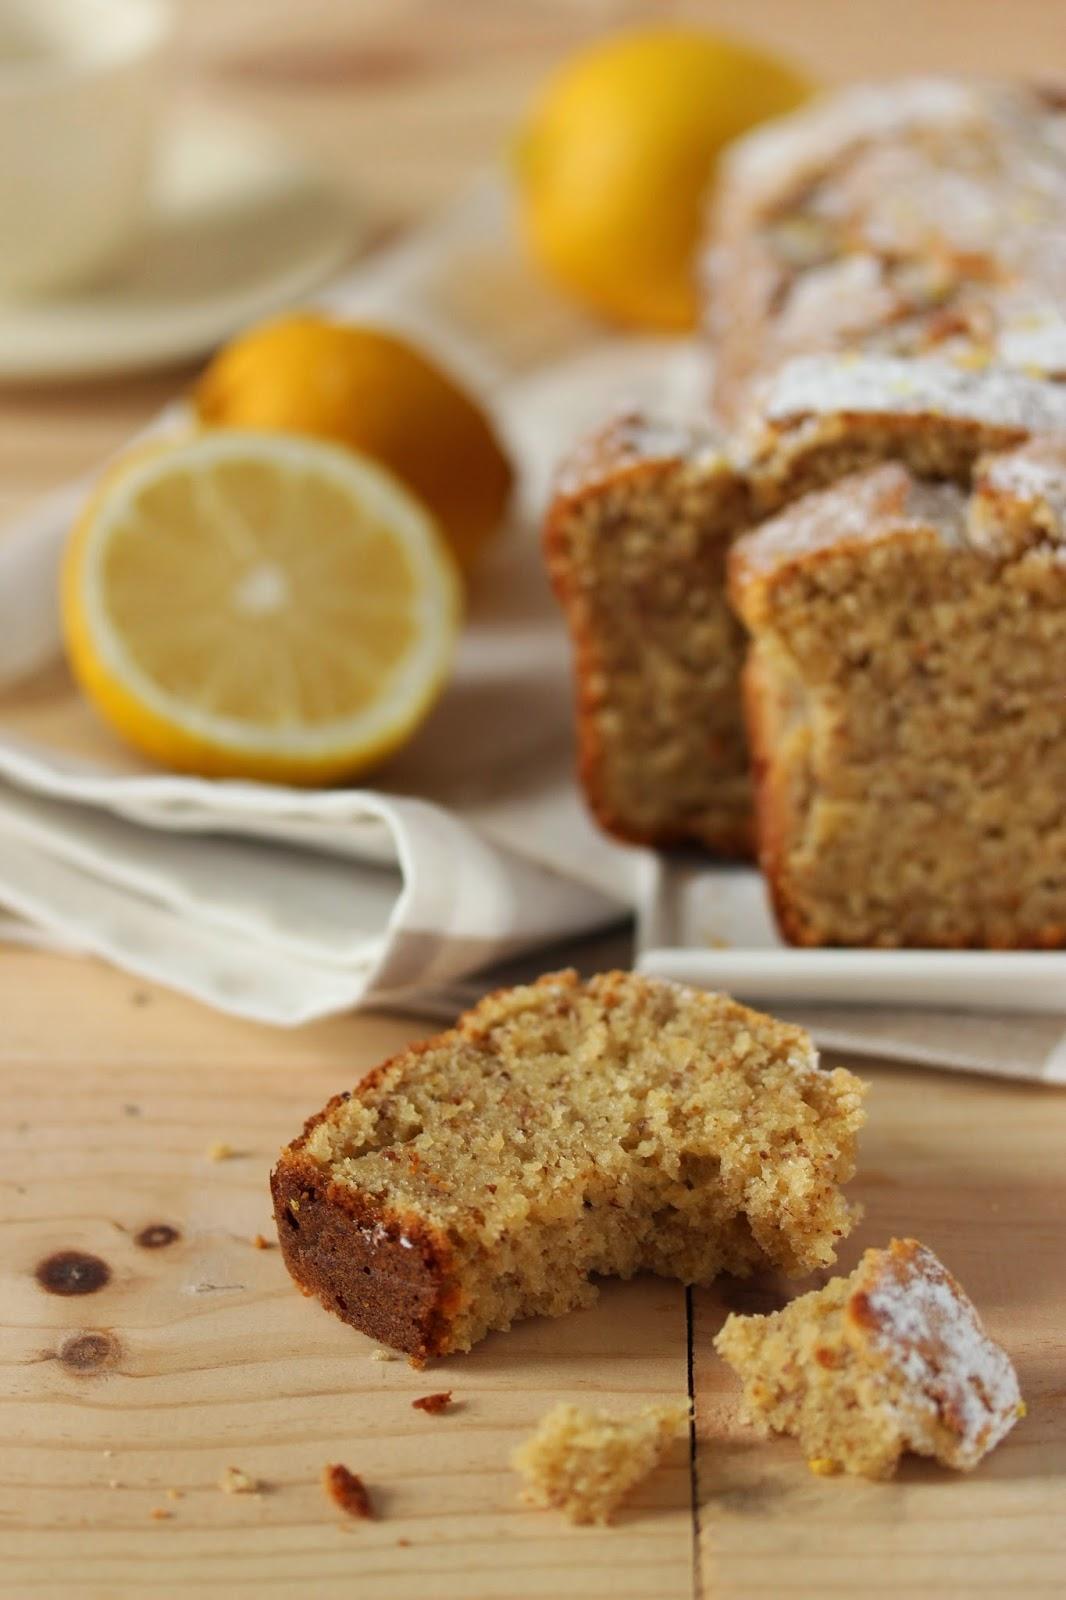 Cake Au Citron De Sophie : citron, sophie, Noisettes, Yaourt, Citron